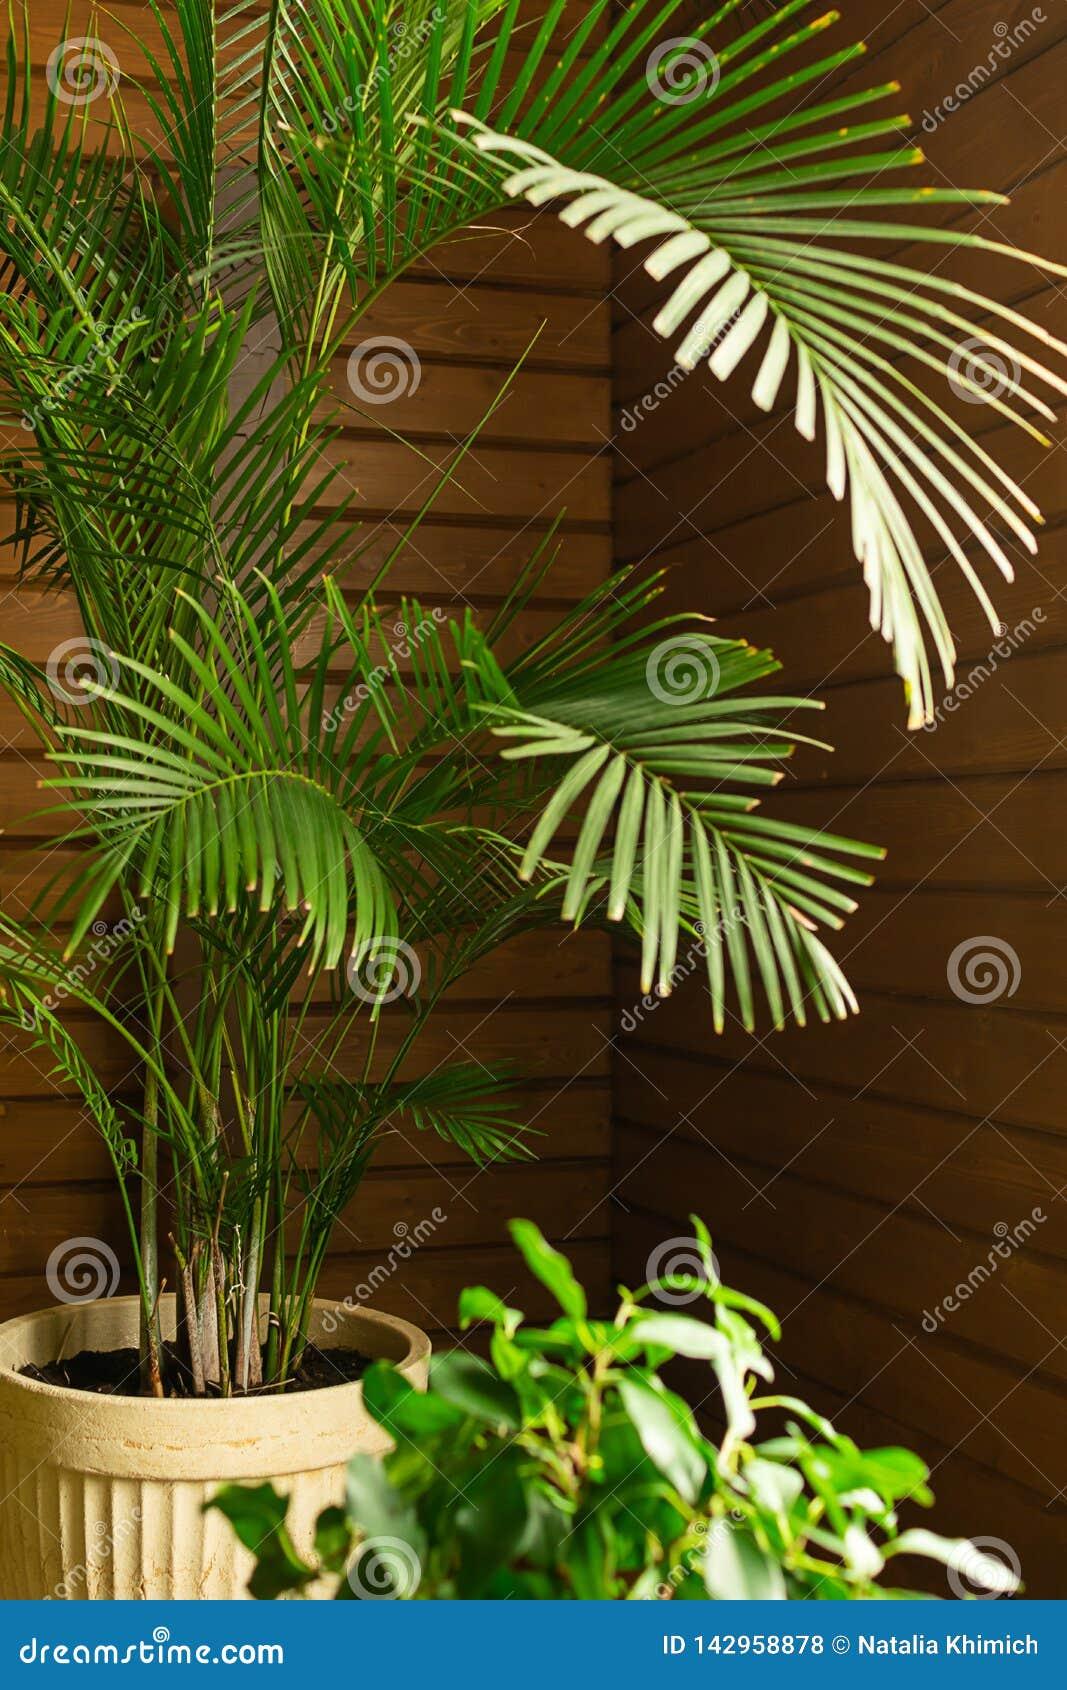 Wielka zielona tropikalna drzewko palmowe roślina w garnku w konserwatorium konserwatorium Kwiaty w wnętrzu